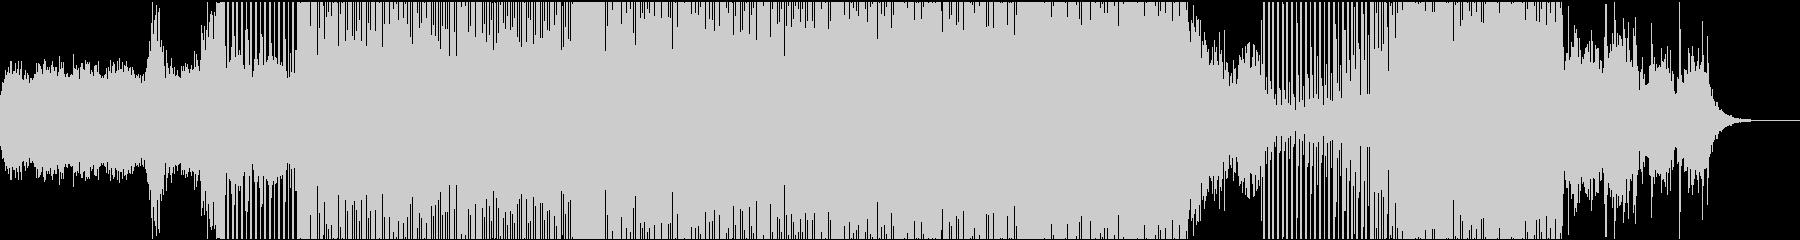 夜のドライブに合うsynthwave の未再生の波形